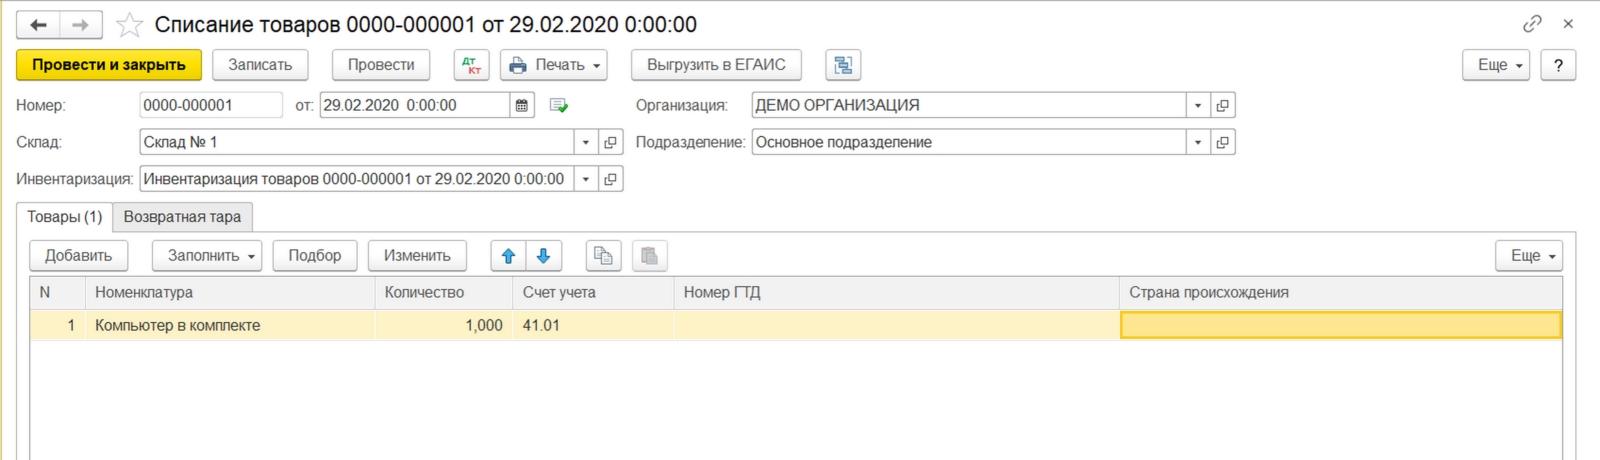 Рис.25 Автоматическое заполнение документа